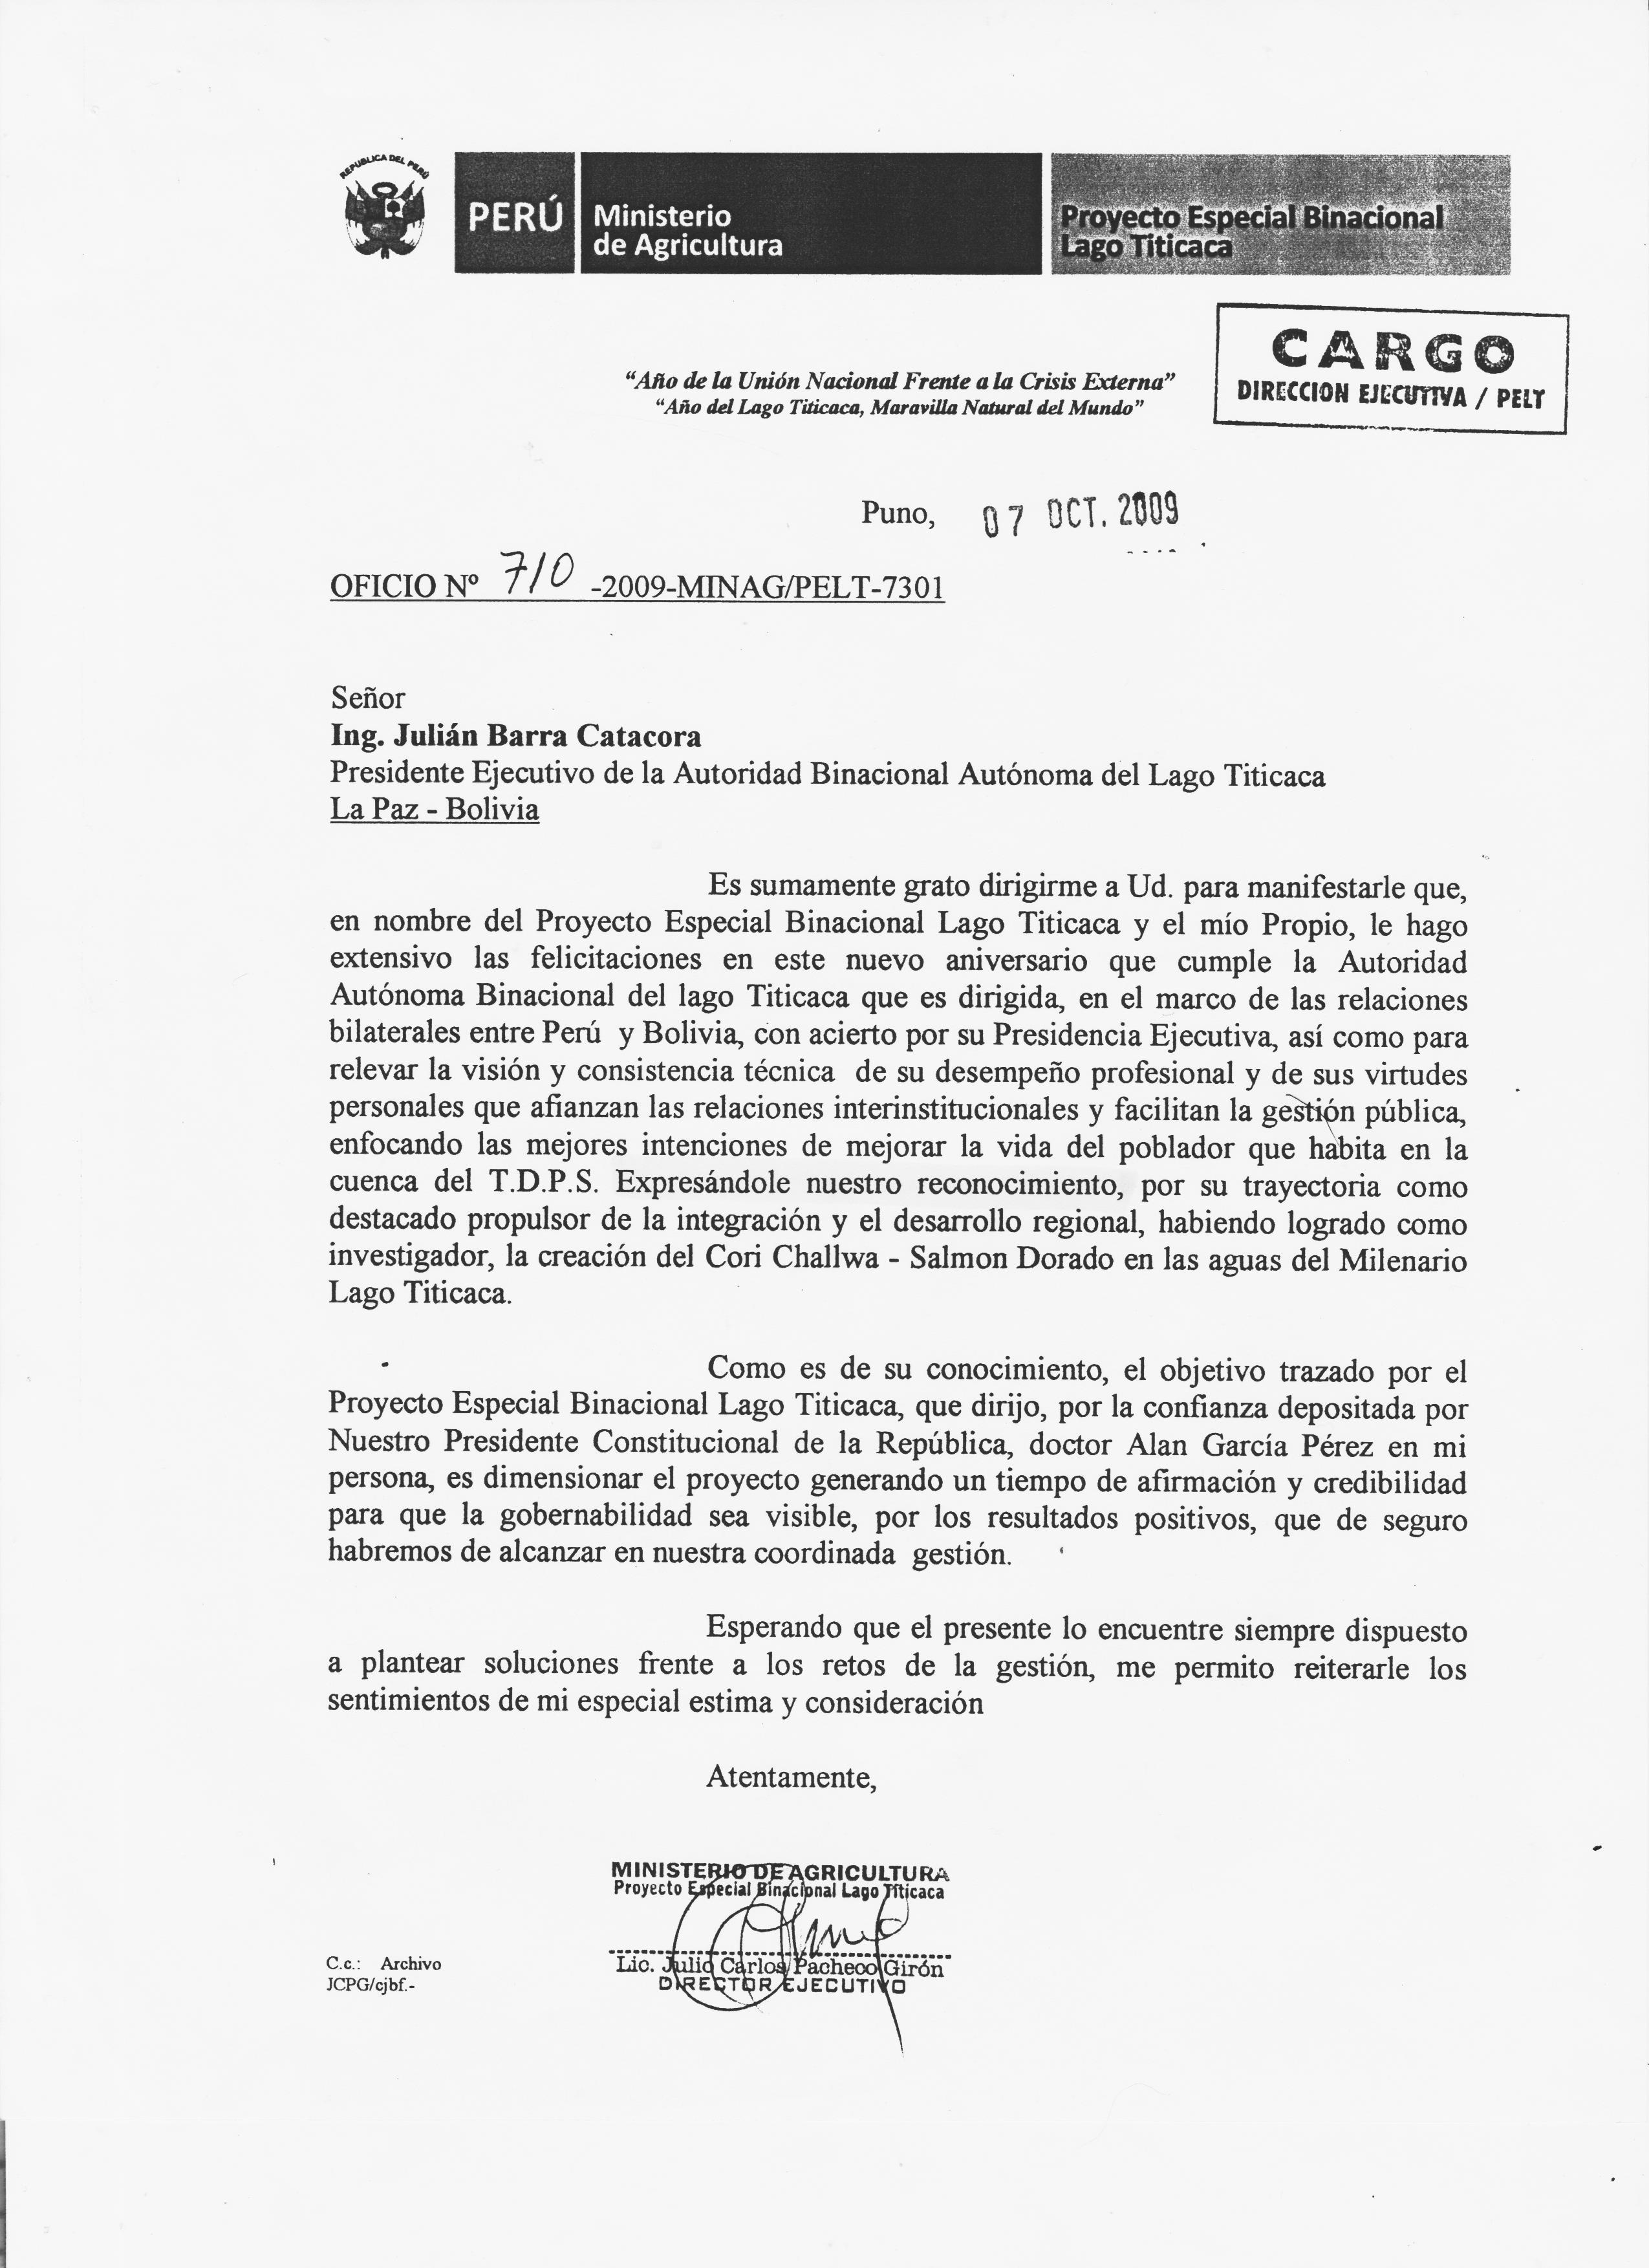 Asombroso Mi Currículum Objetivo Composición - Ejemplo De Colección ...